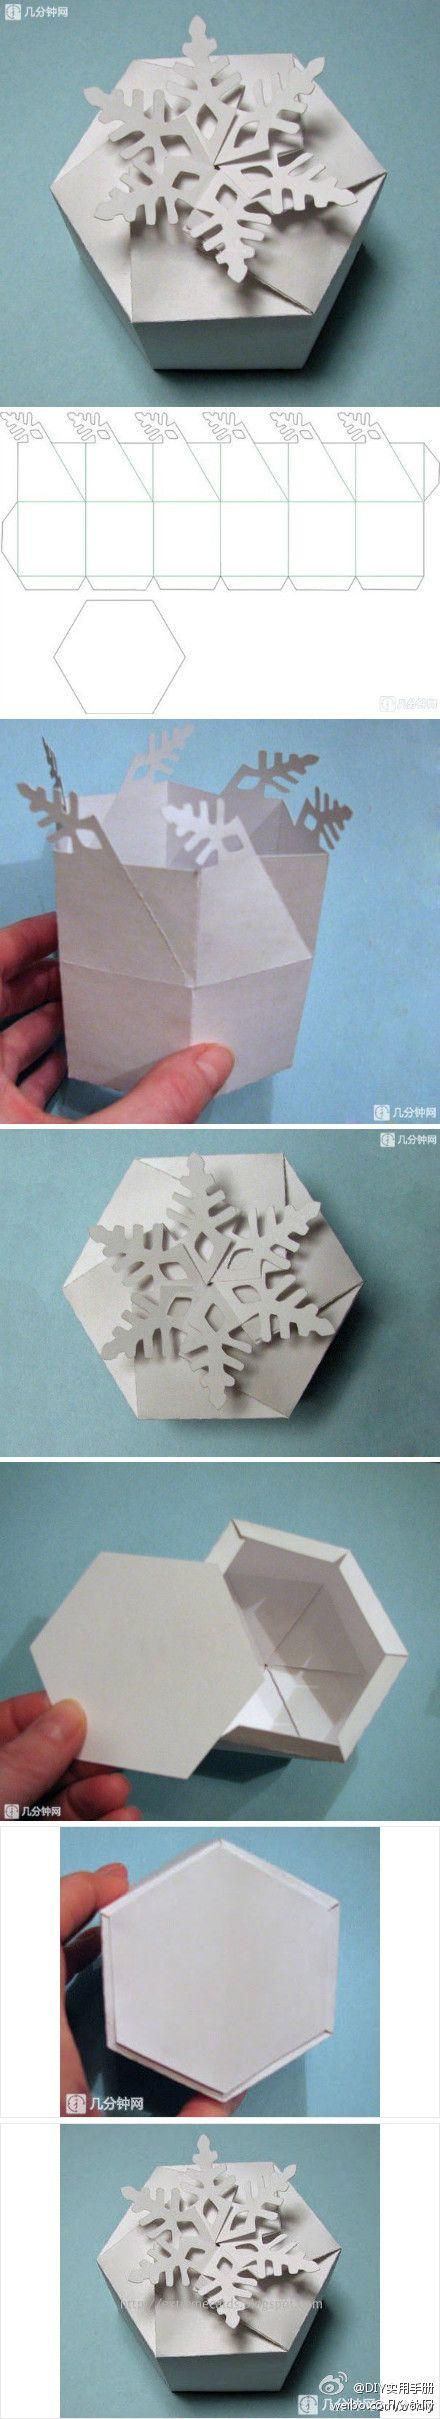 Caja de copo de nieve